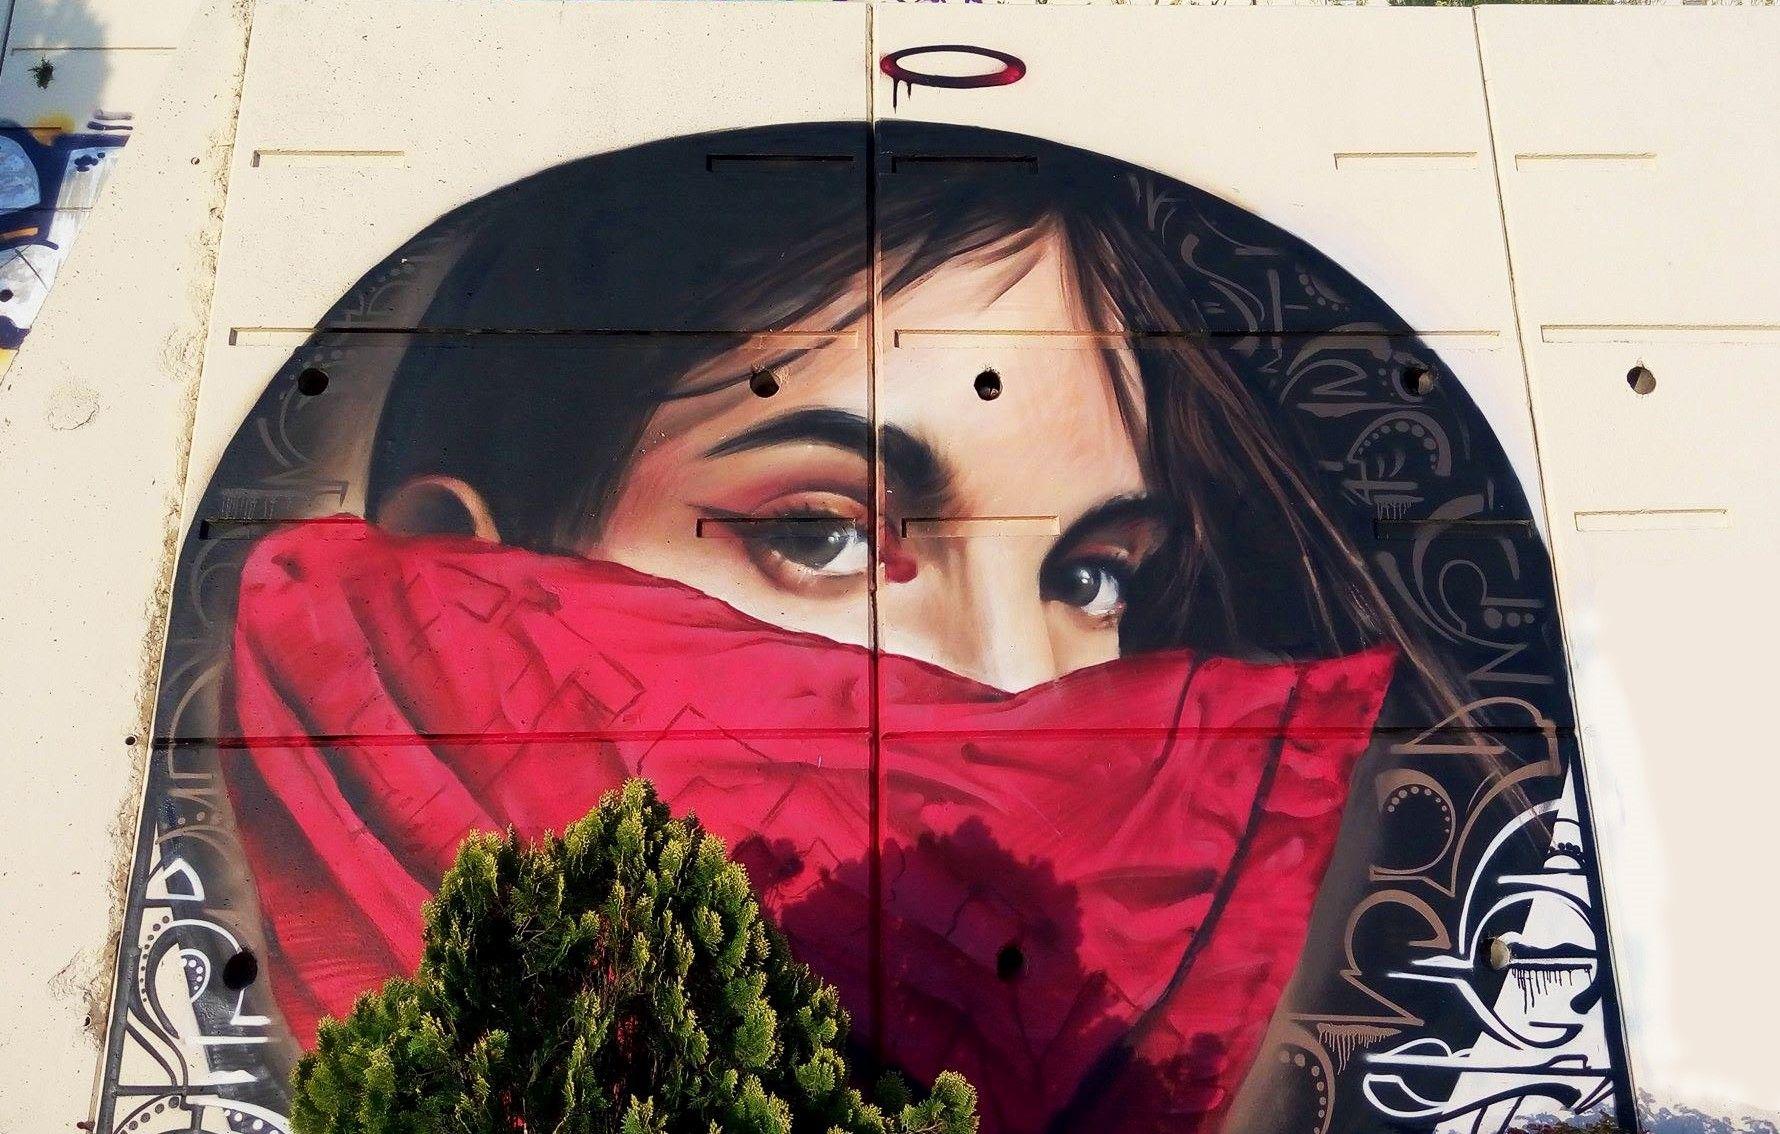 Mural homenaje a Gata Cattana Granada | Arte urbano, Dibujos, Gatos